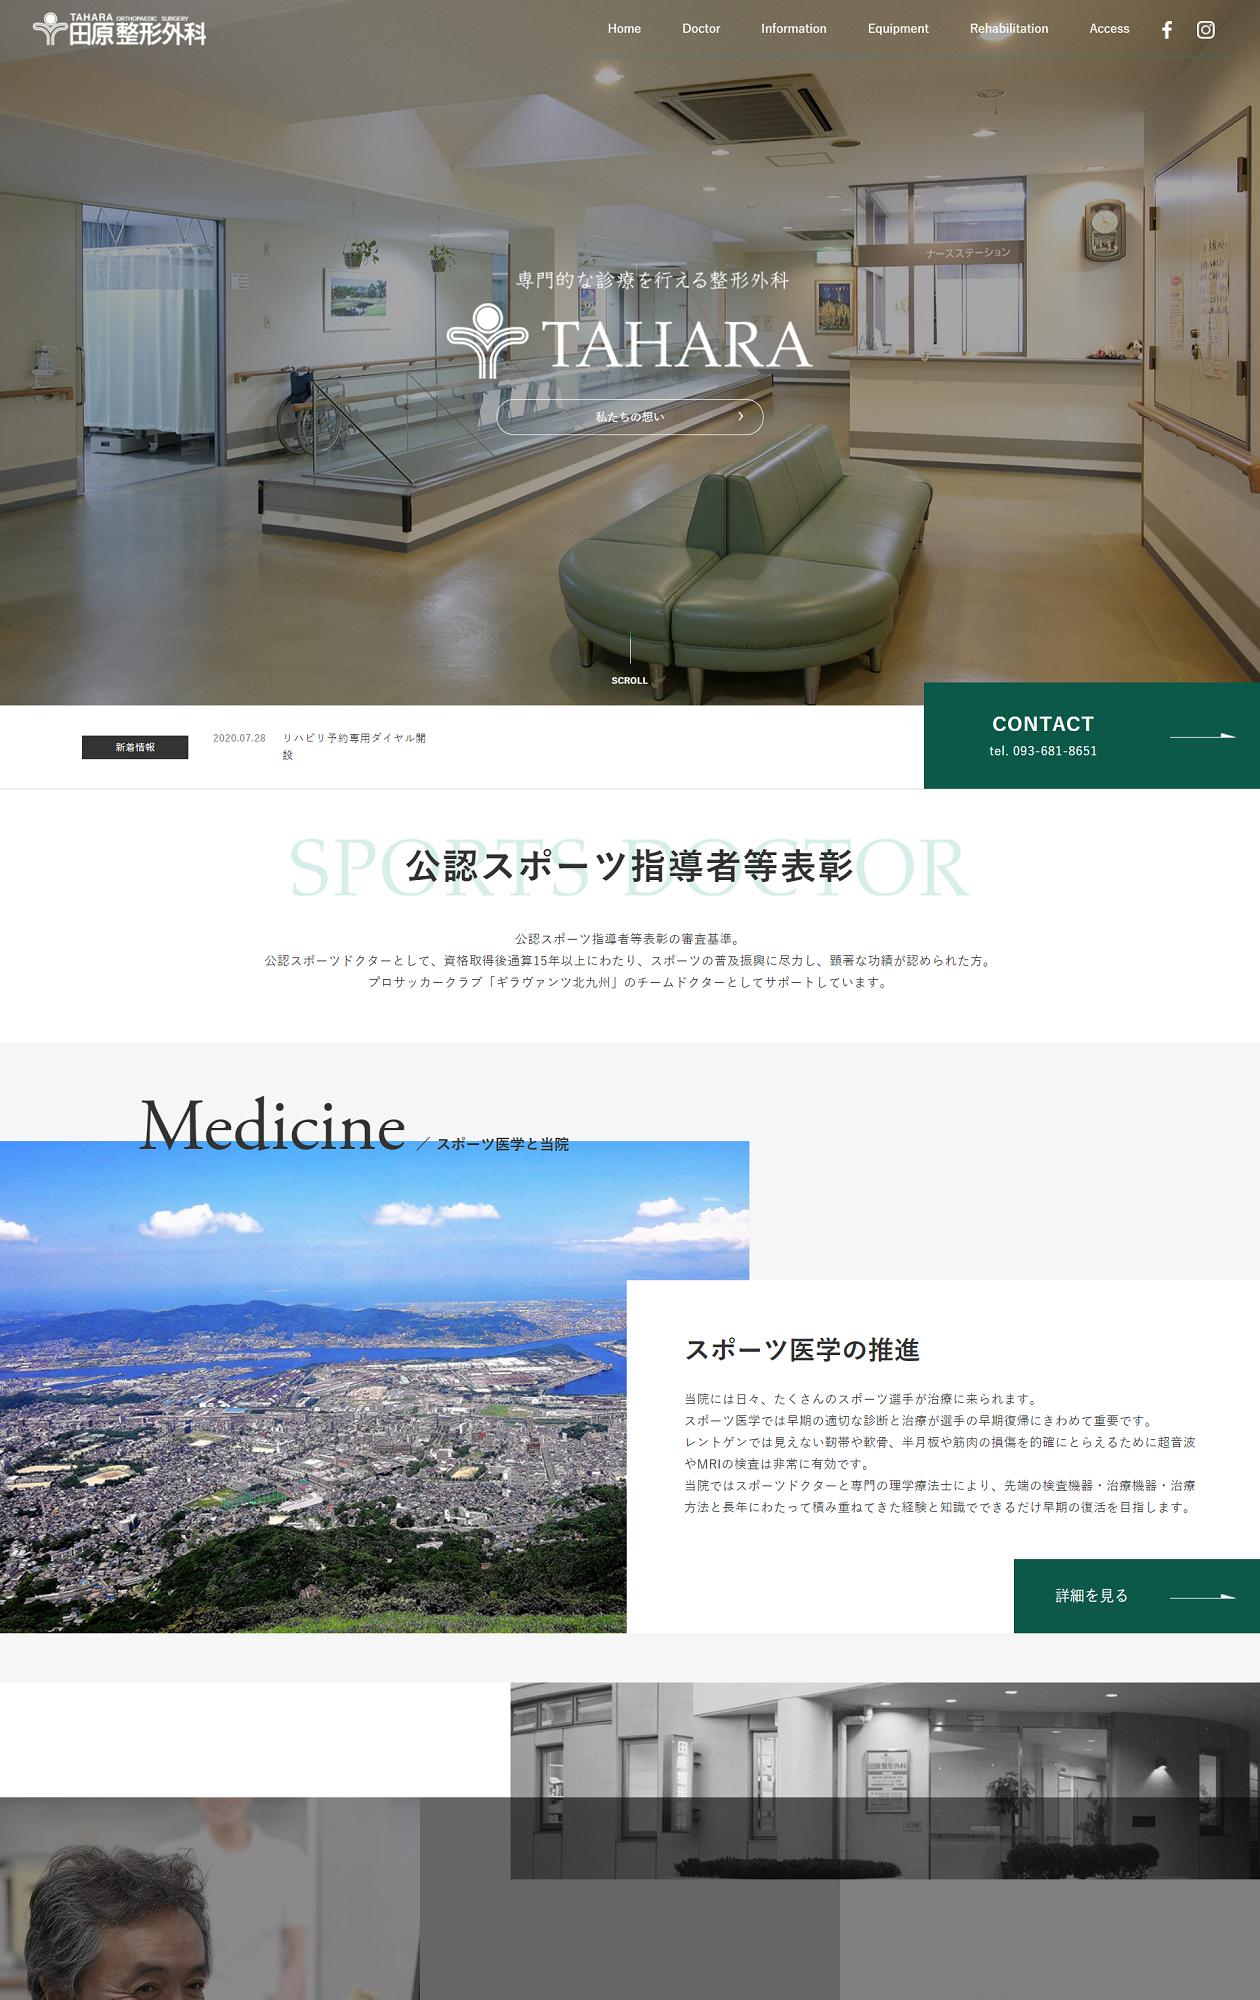 医療法人田原整形外科 ホームページ